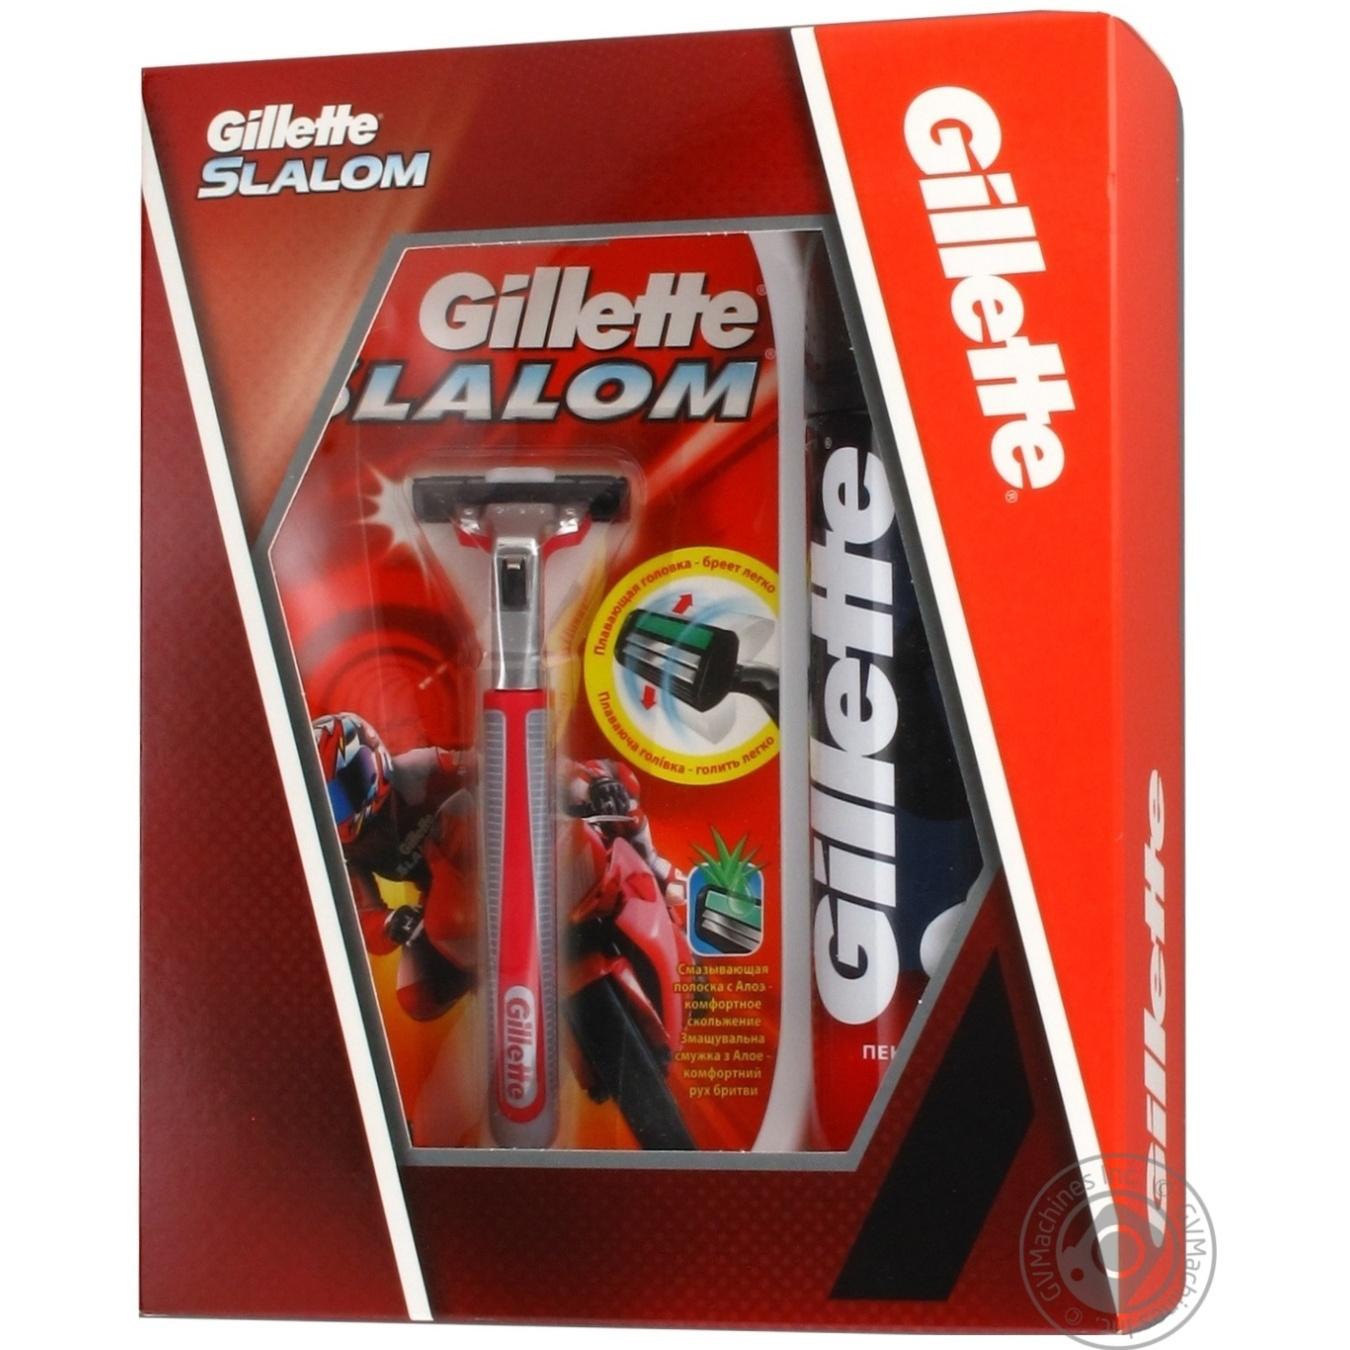 Подарочный набор Бритва Gillette Slalom + 1 картридж + Пена для бритья  Gillette Regular классическая 200мл ffdb99fb78476